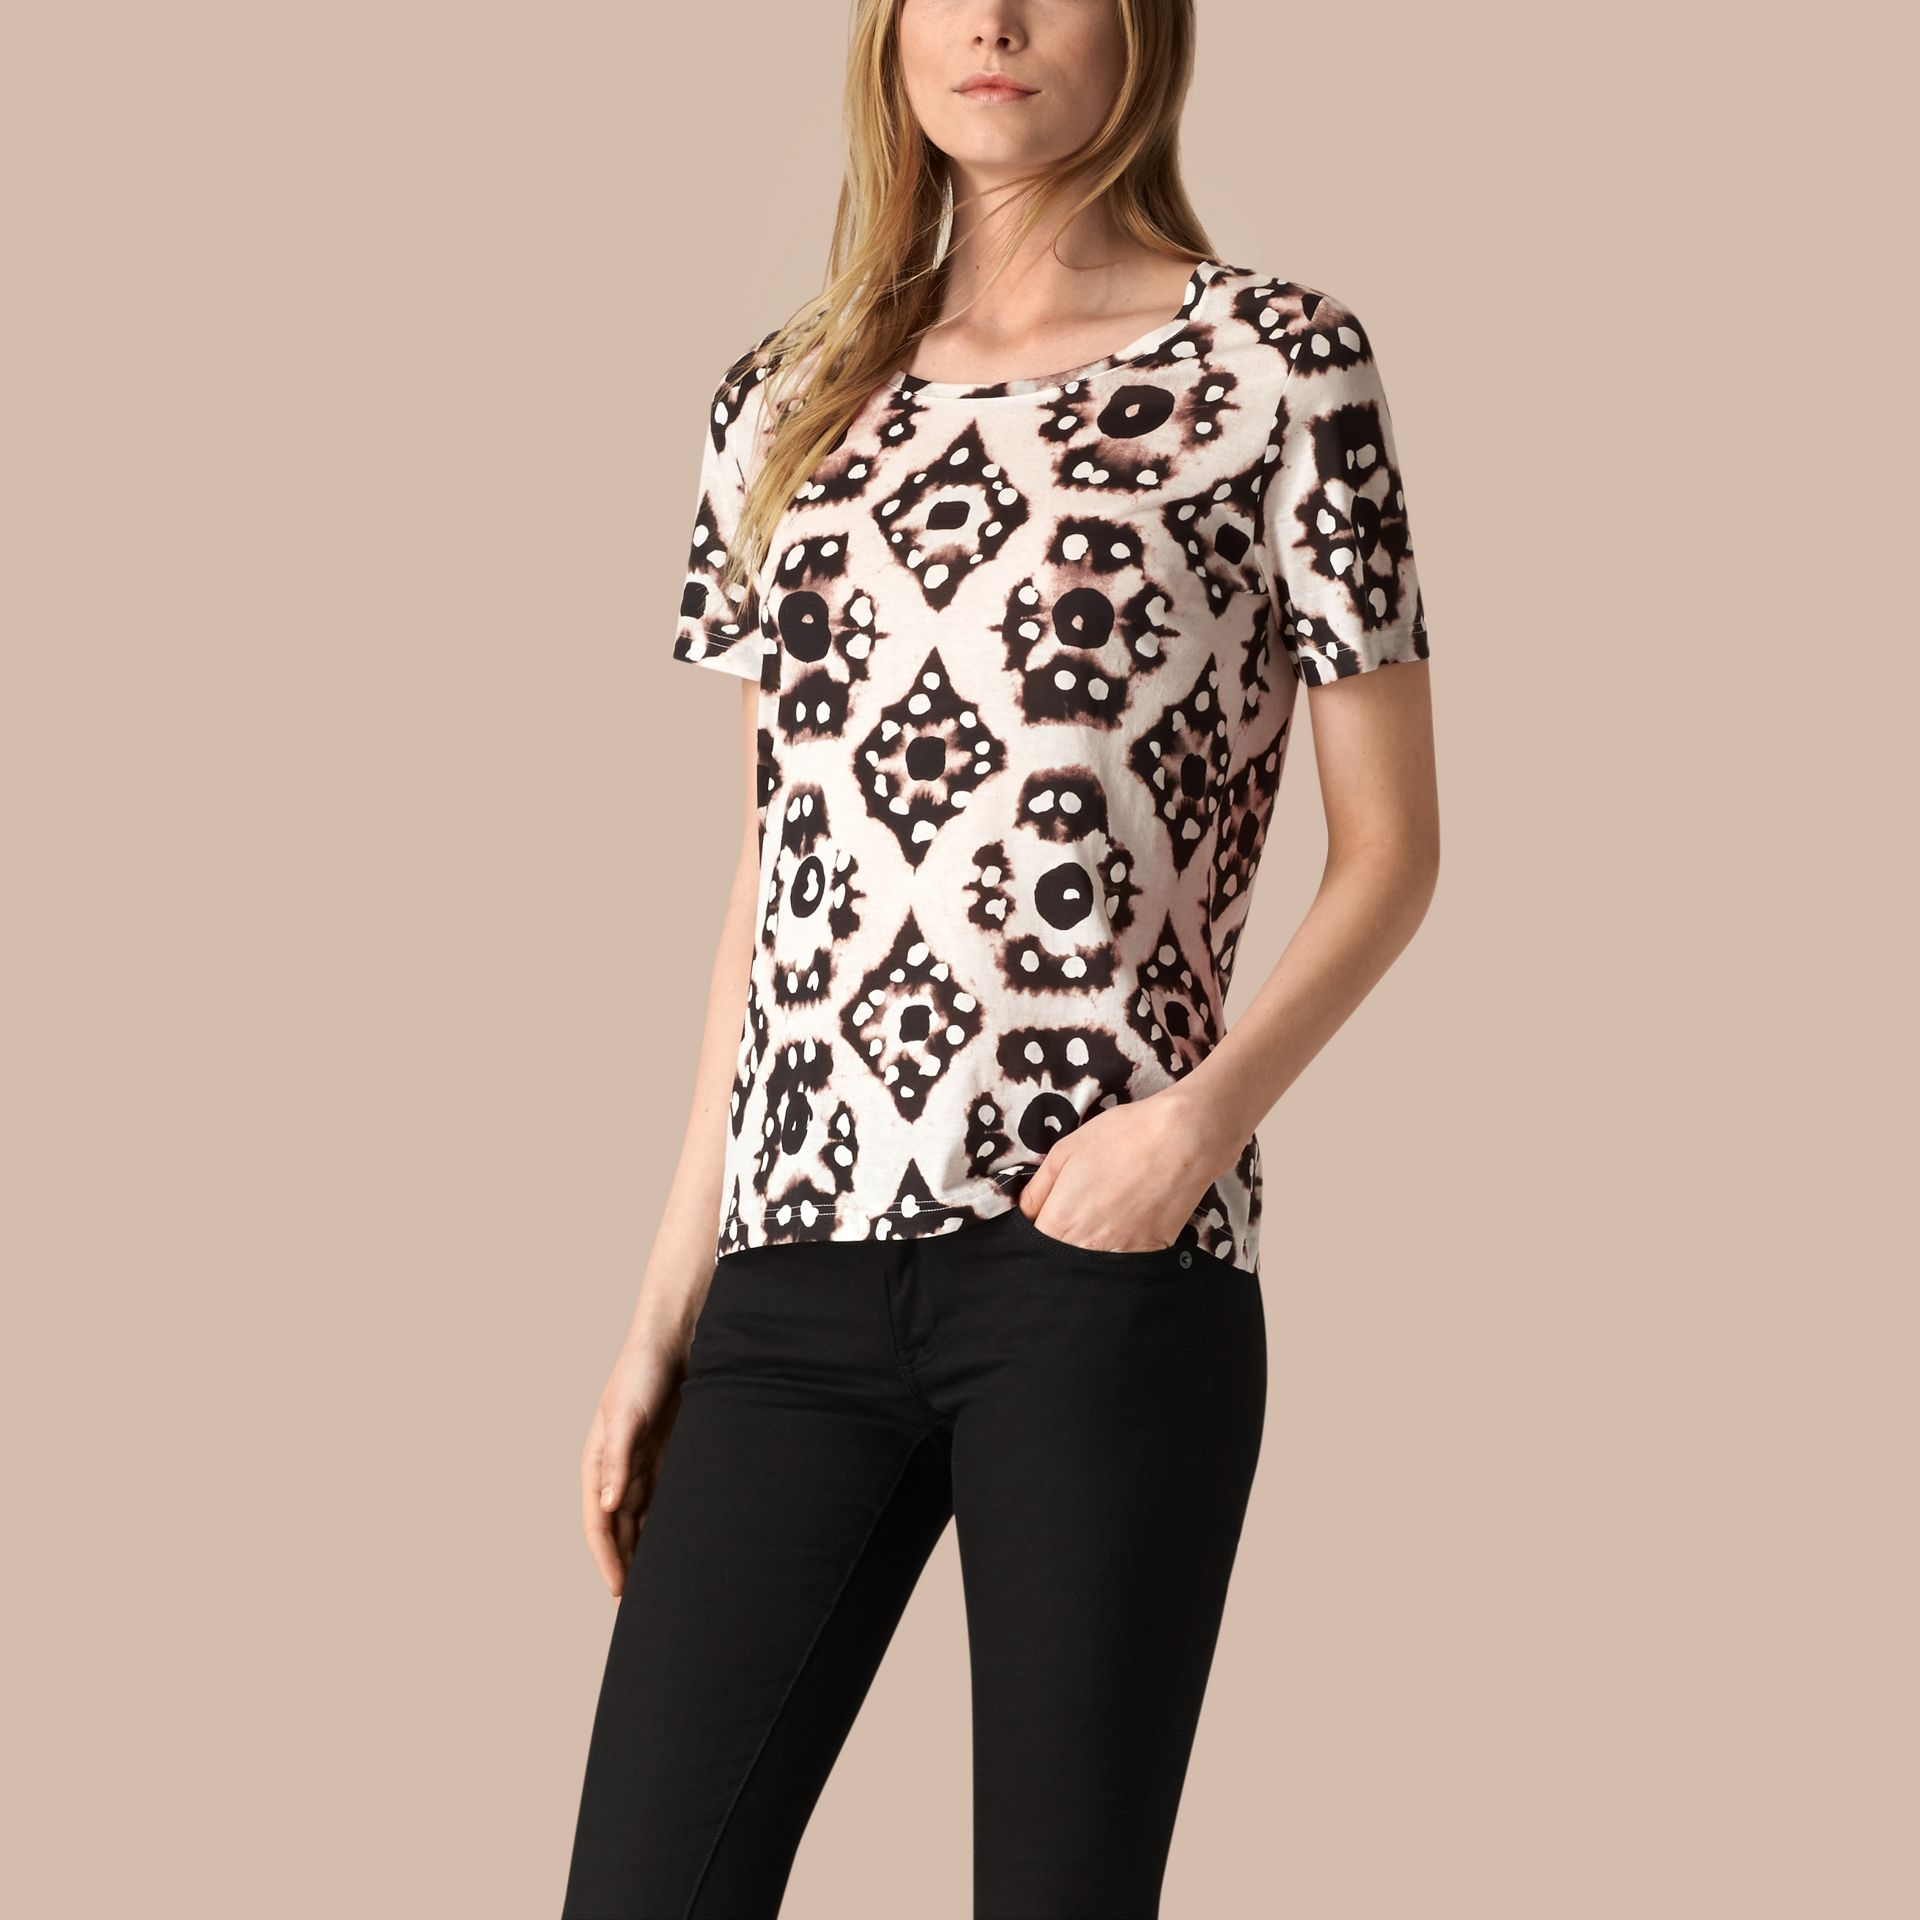 Nero/bianco T-shirt in cotone con stampa tipo tintura a riserva Nero/bianco - immagine della galleria 1